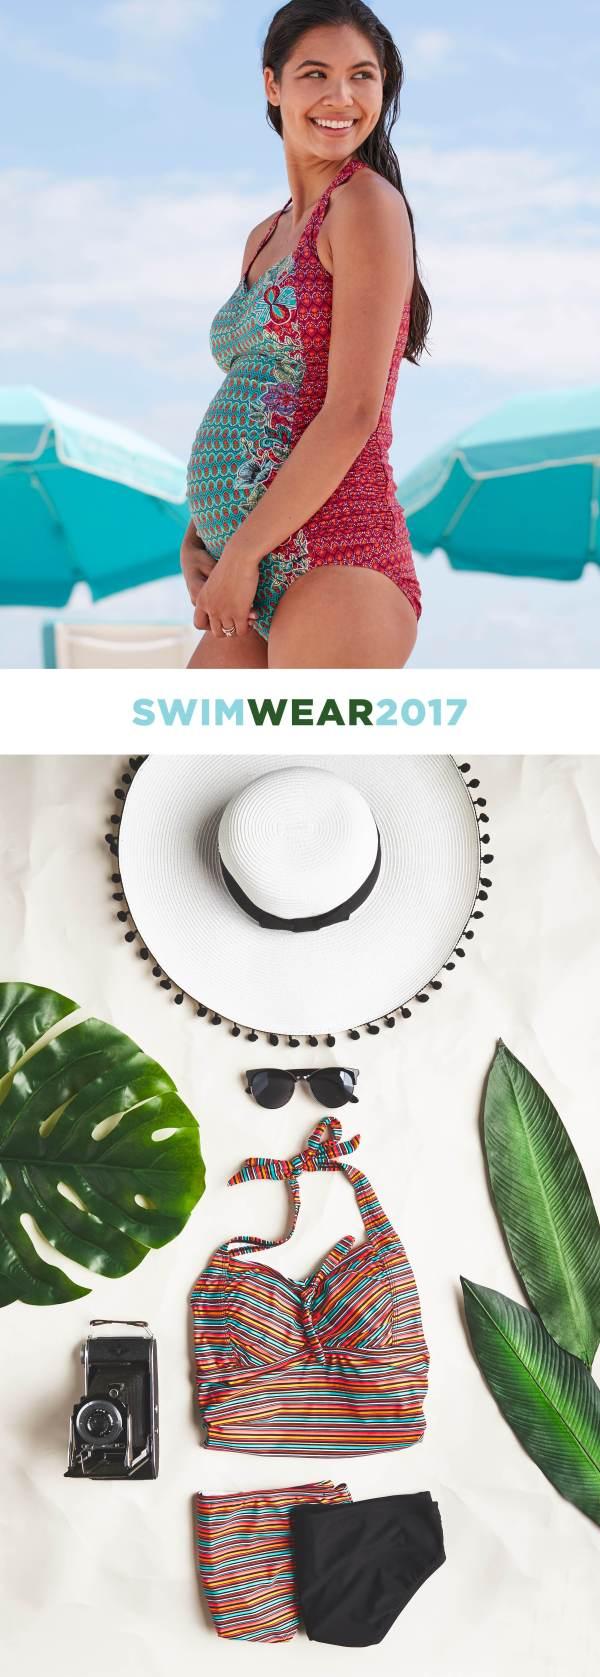 Swimwear 2017